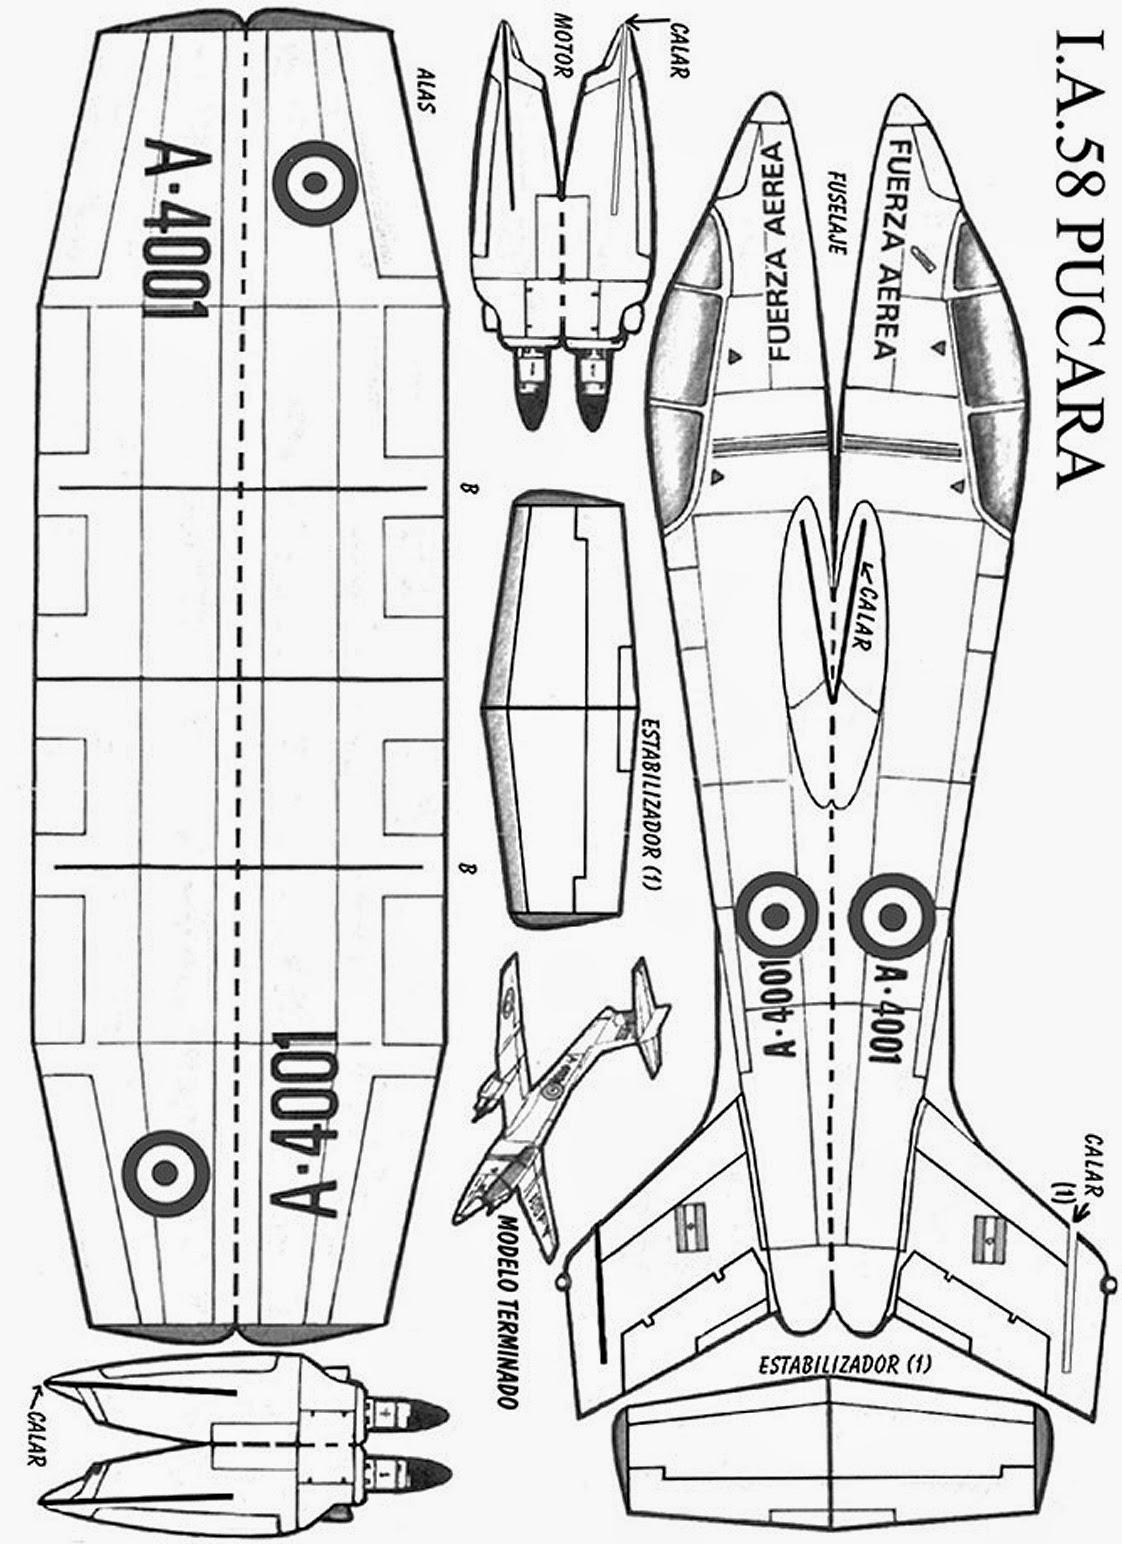 Resultado de imagen para aeromodelismo planos aviones